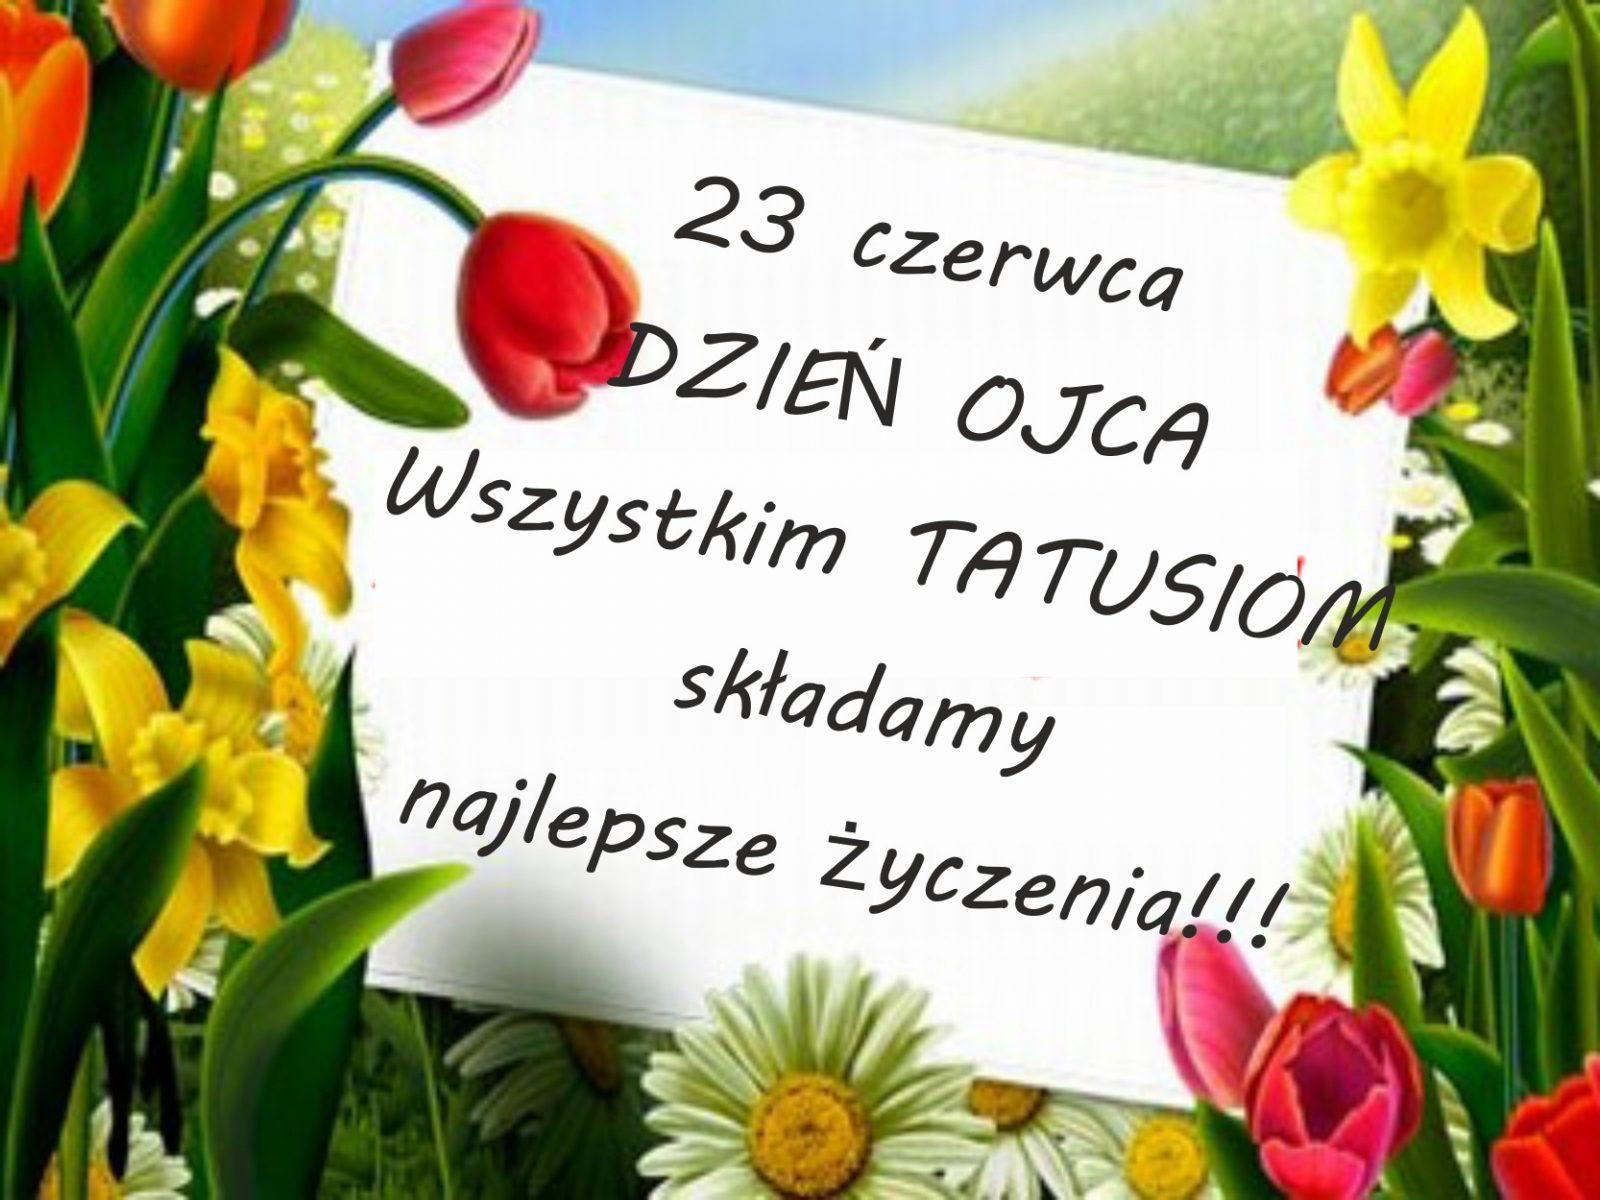 23 июня - день Отца в Польше